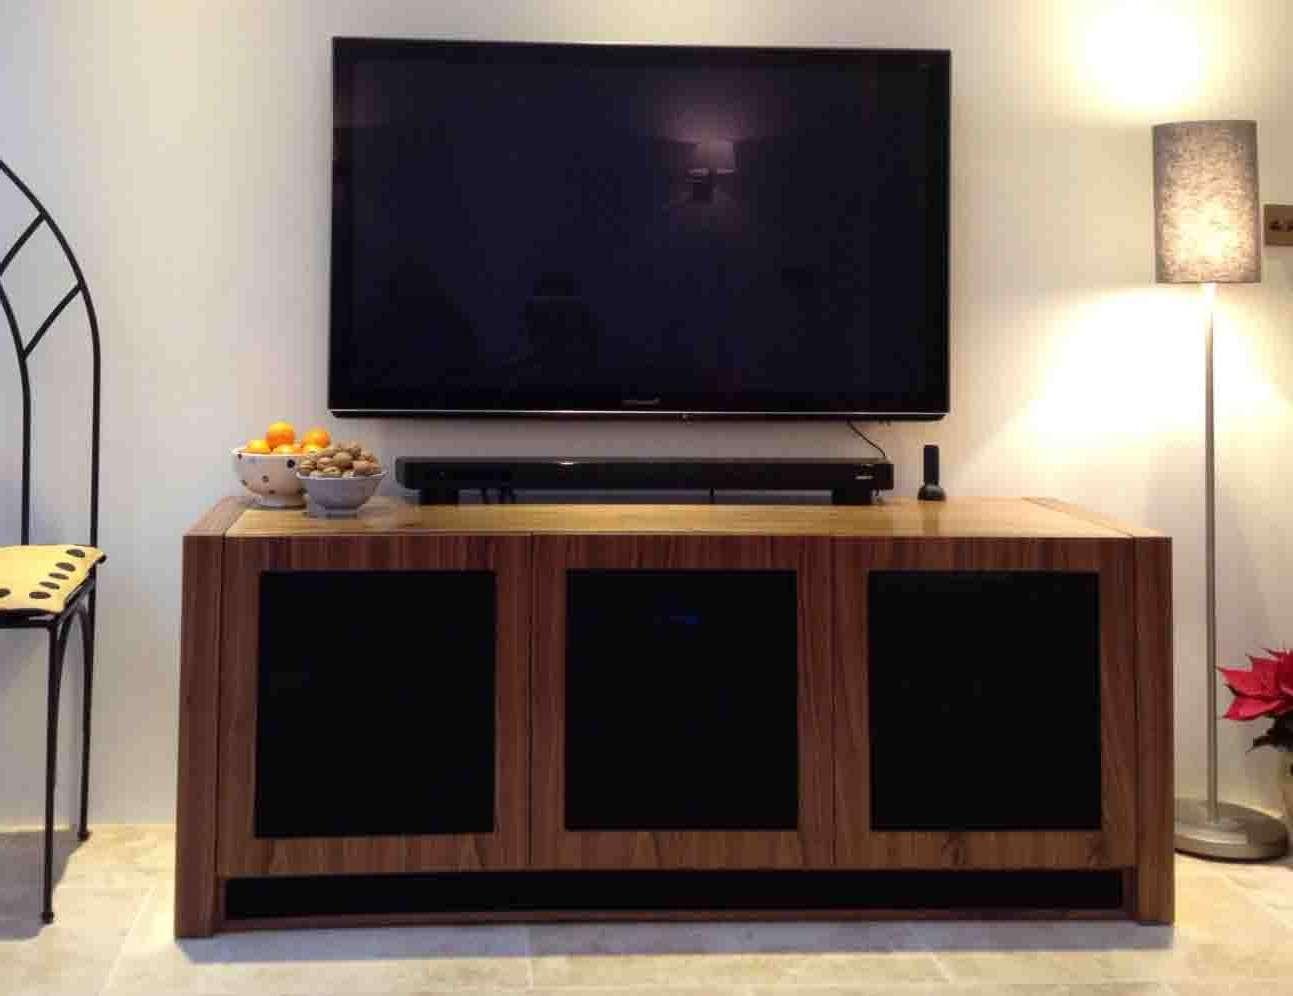 Walnut Av Furniture, Walnut Av Cabinets, Walnut Tv Stands, Walnut Throughout Walnut Tv Cabinets With Doors (View 19 of 20)